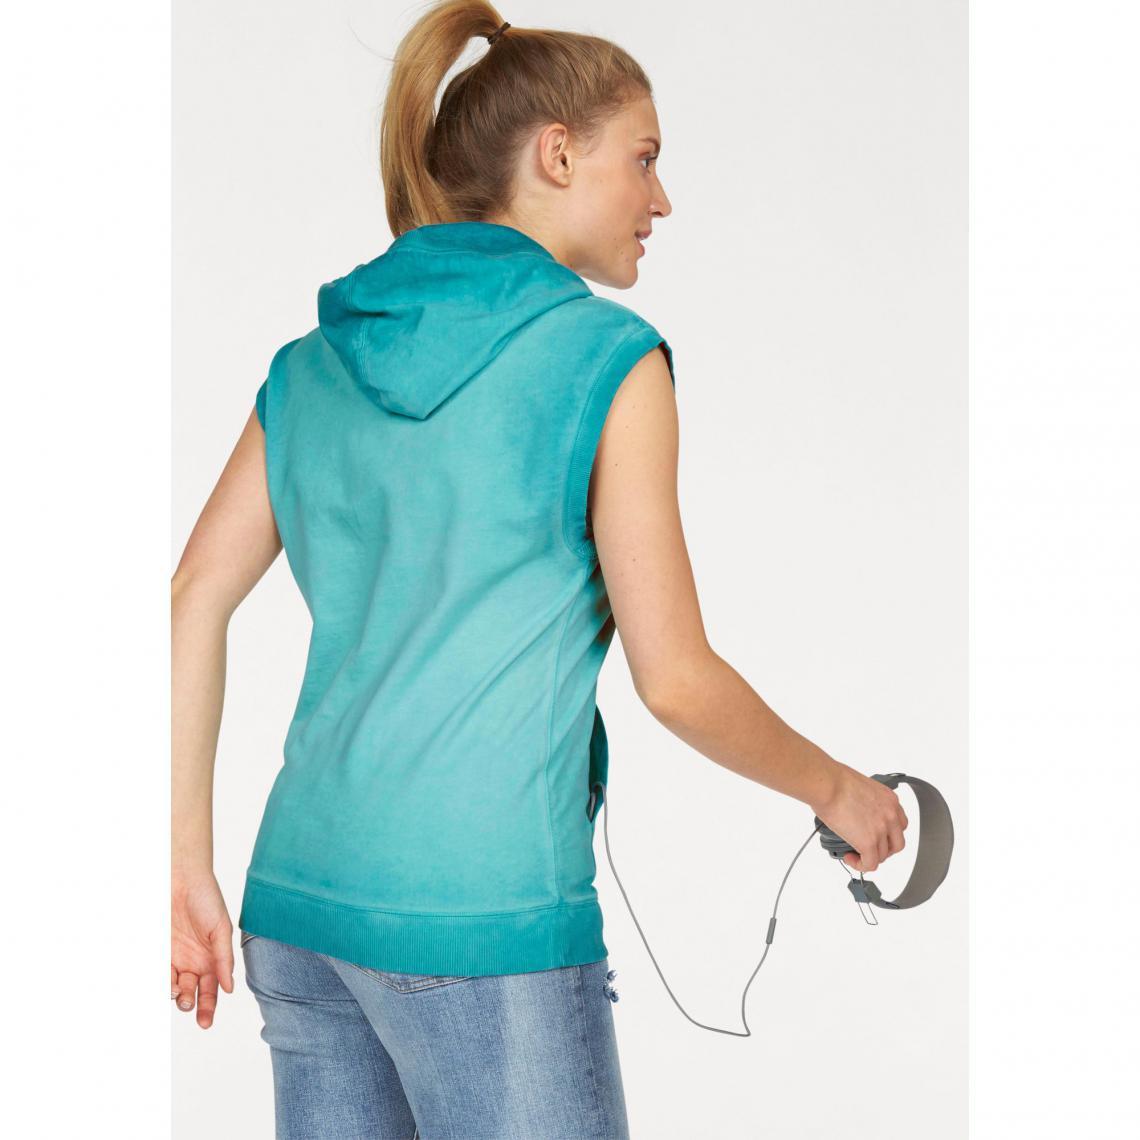 lowest price shopping 100% authentic Sweat-shirt de sport femme long à capuche sans manches ...